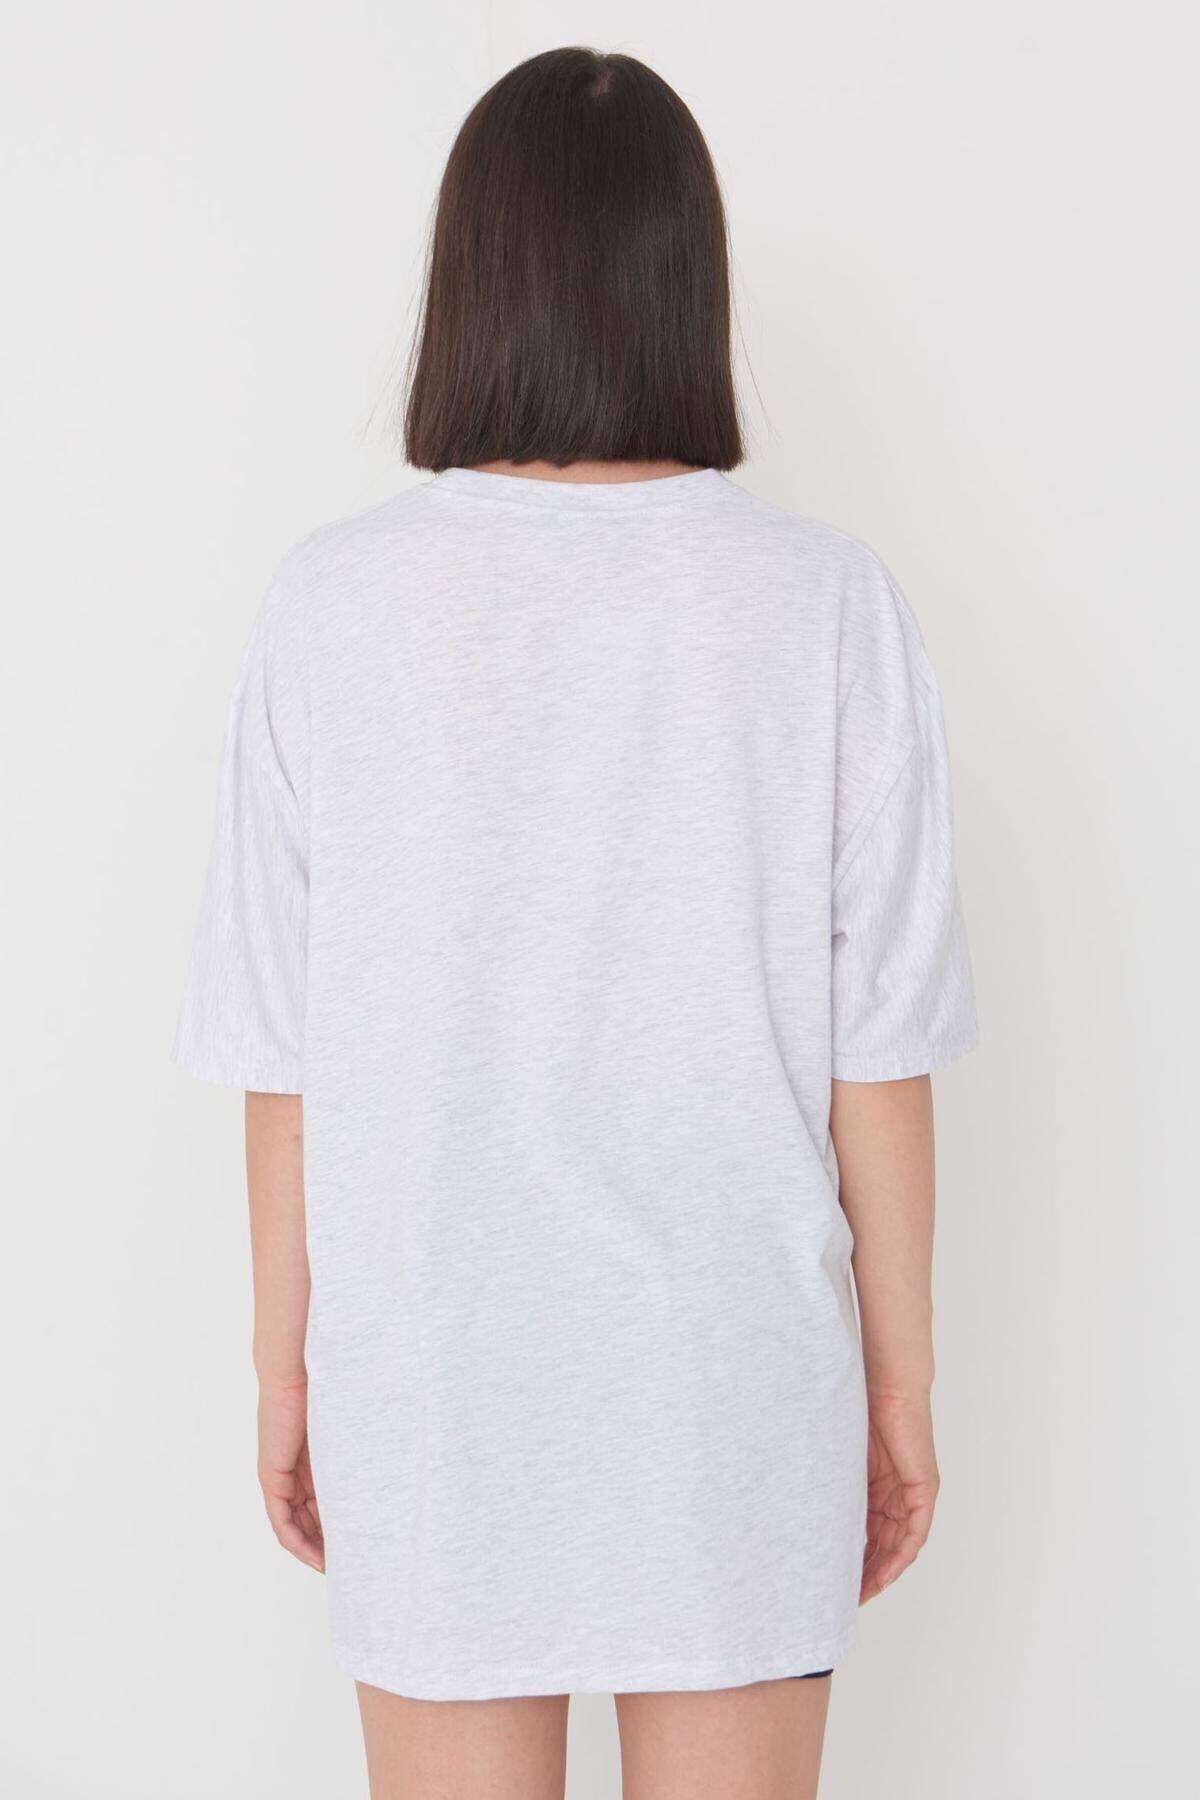 Addax Baskılı Oversize T-shirt P9551 - C11 4